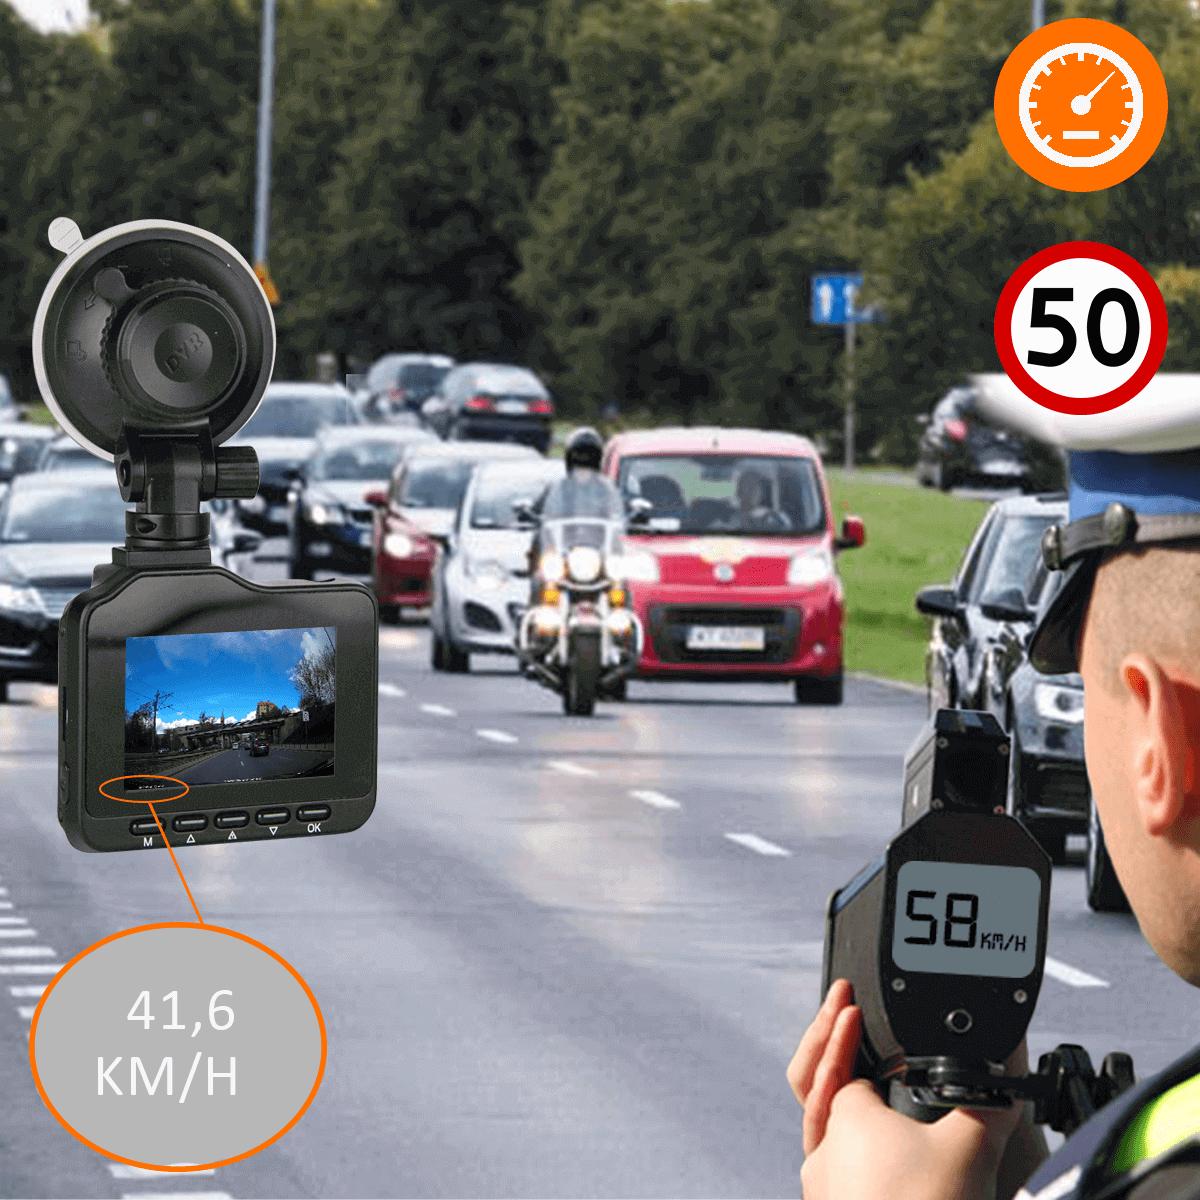 anuluj mandat kamera samochodowa z zapisem prędkości orllo.pl